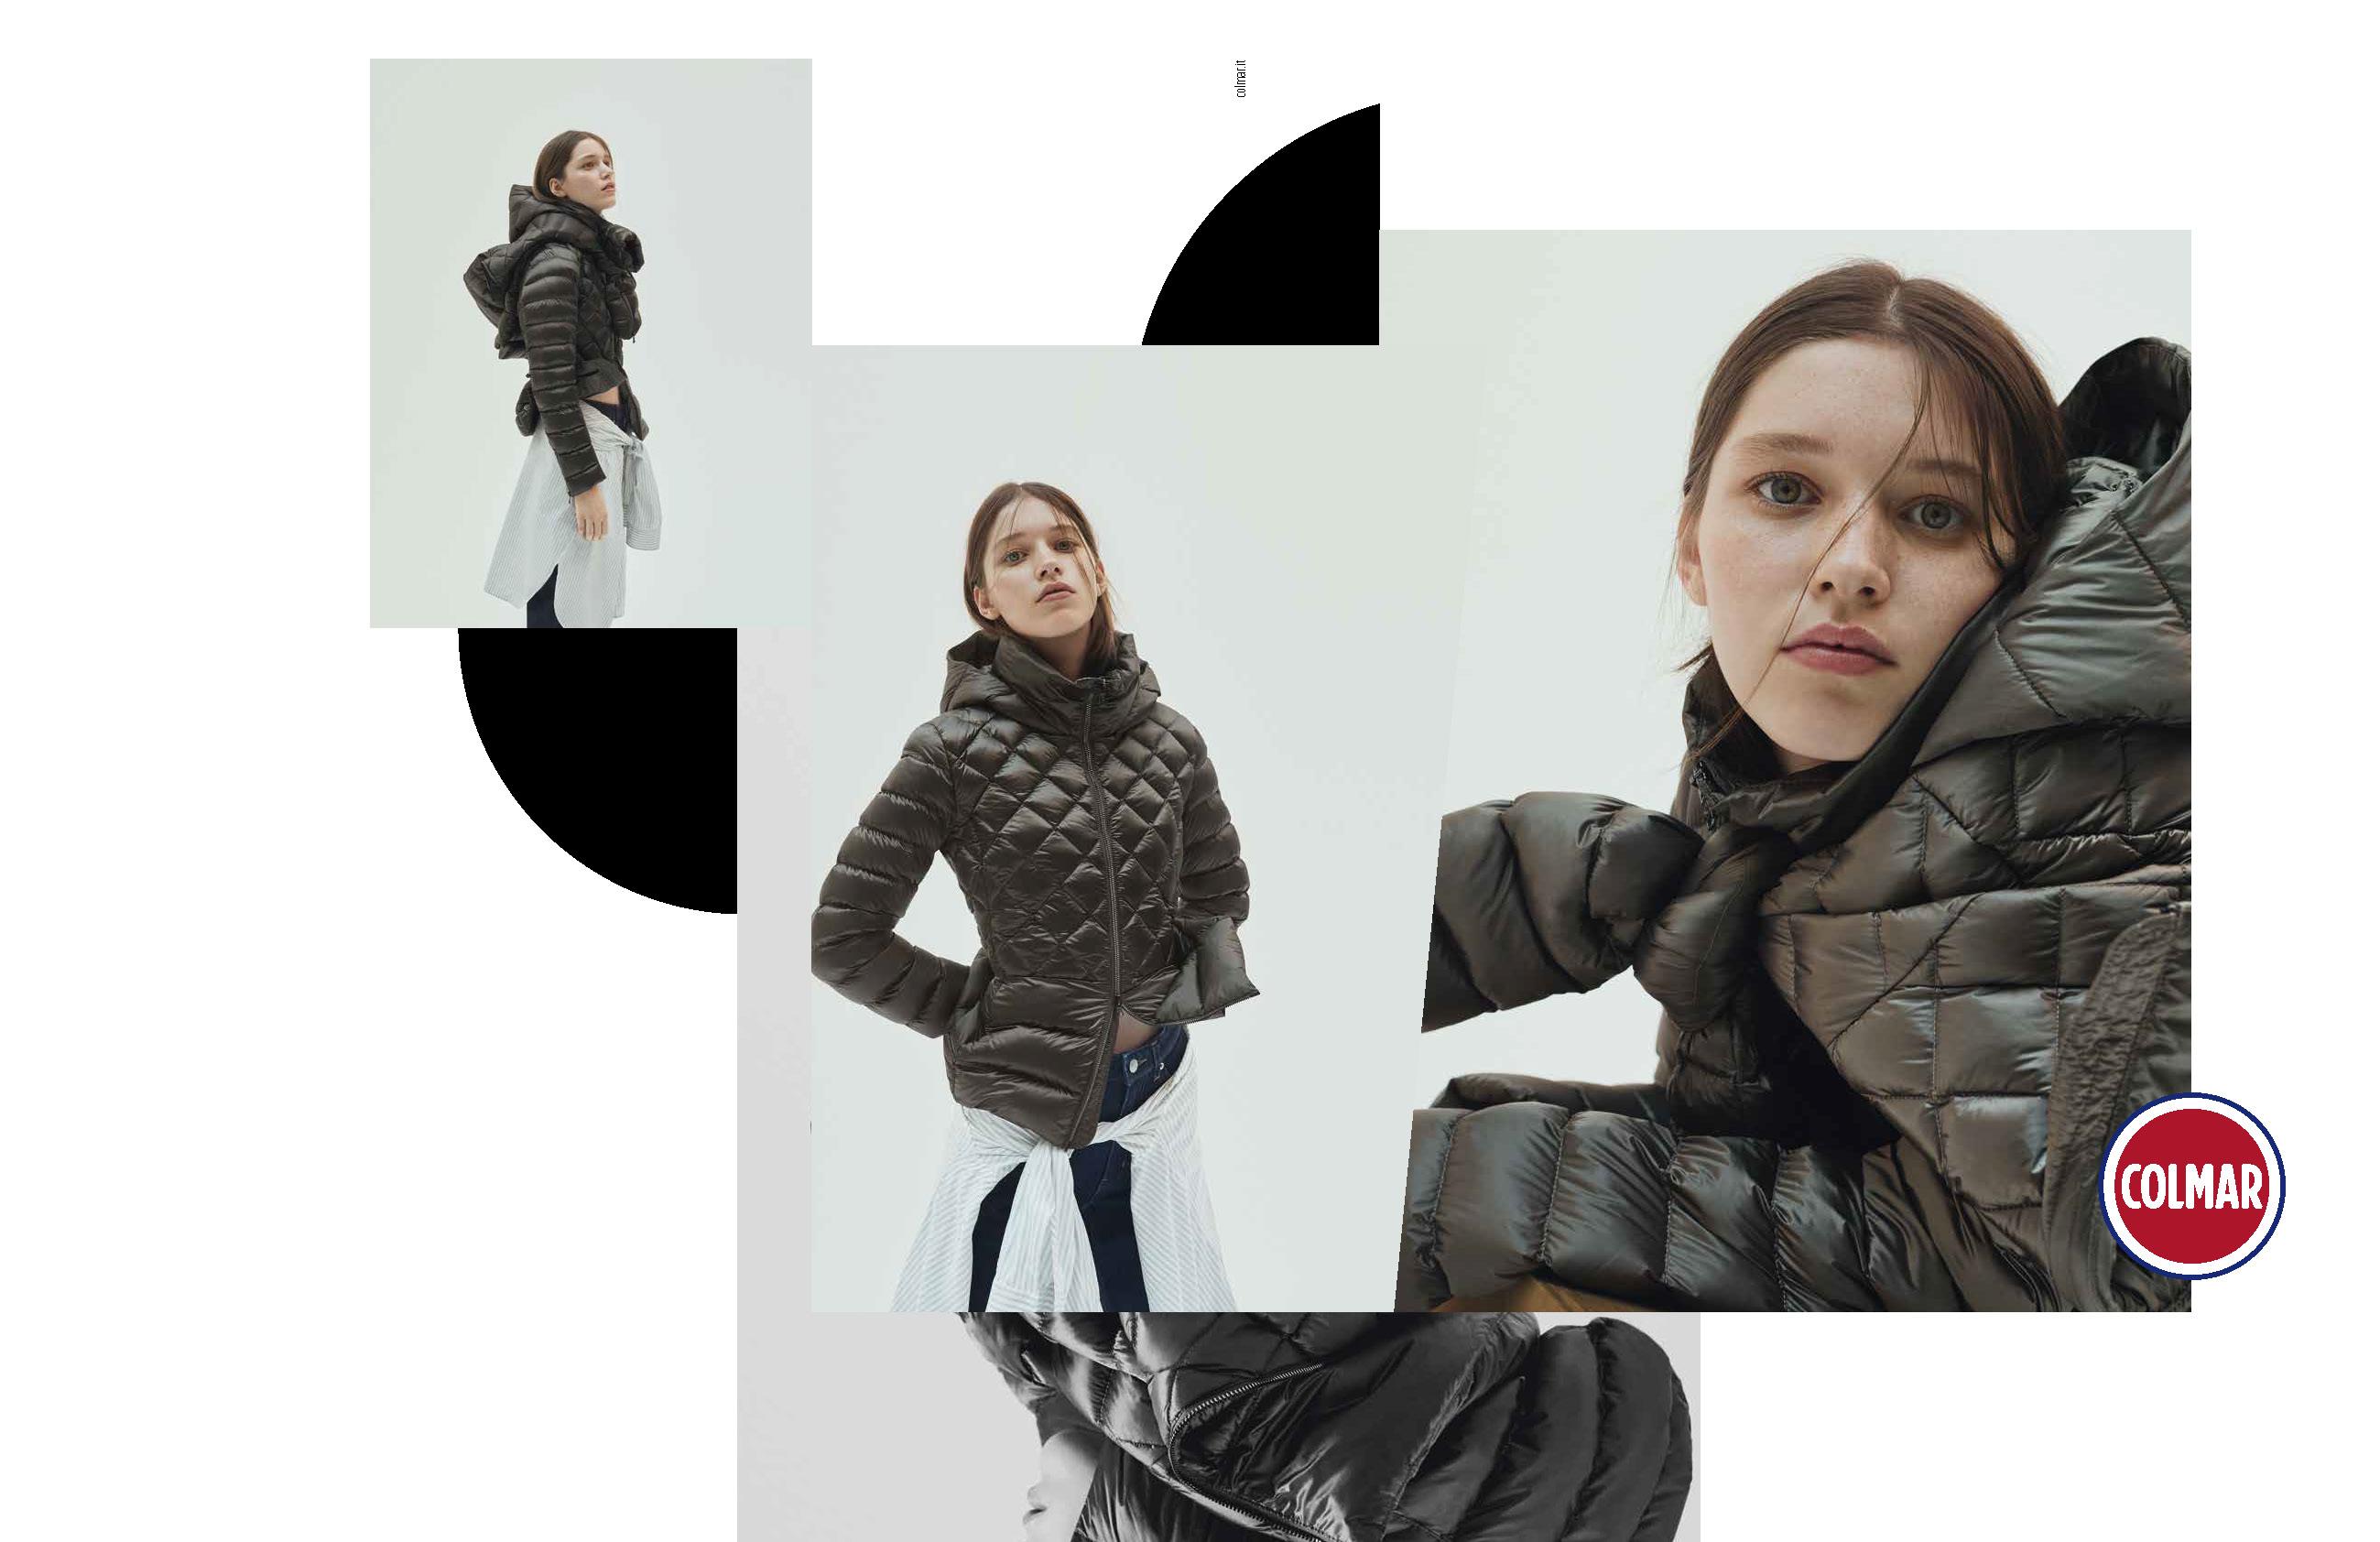 Colmar Originals campagna autunno inverno 2018 2019